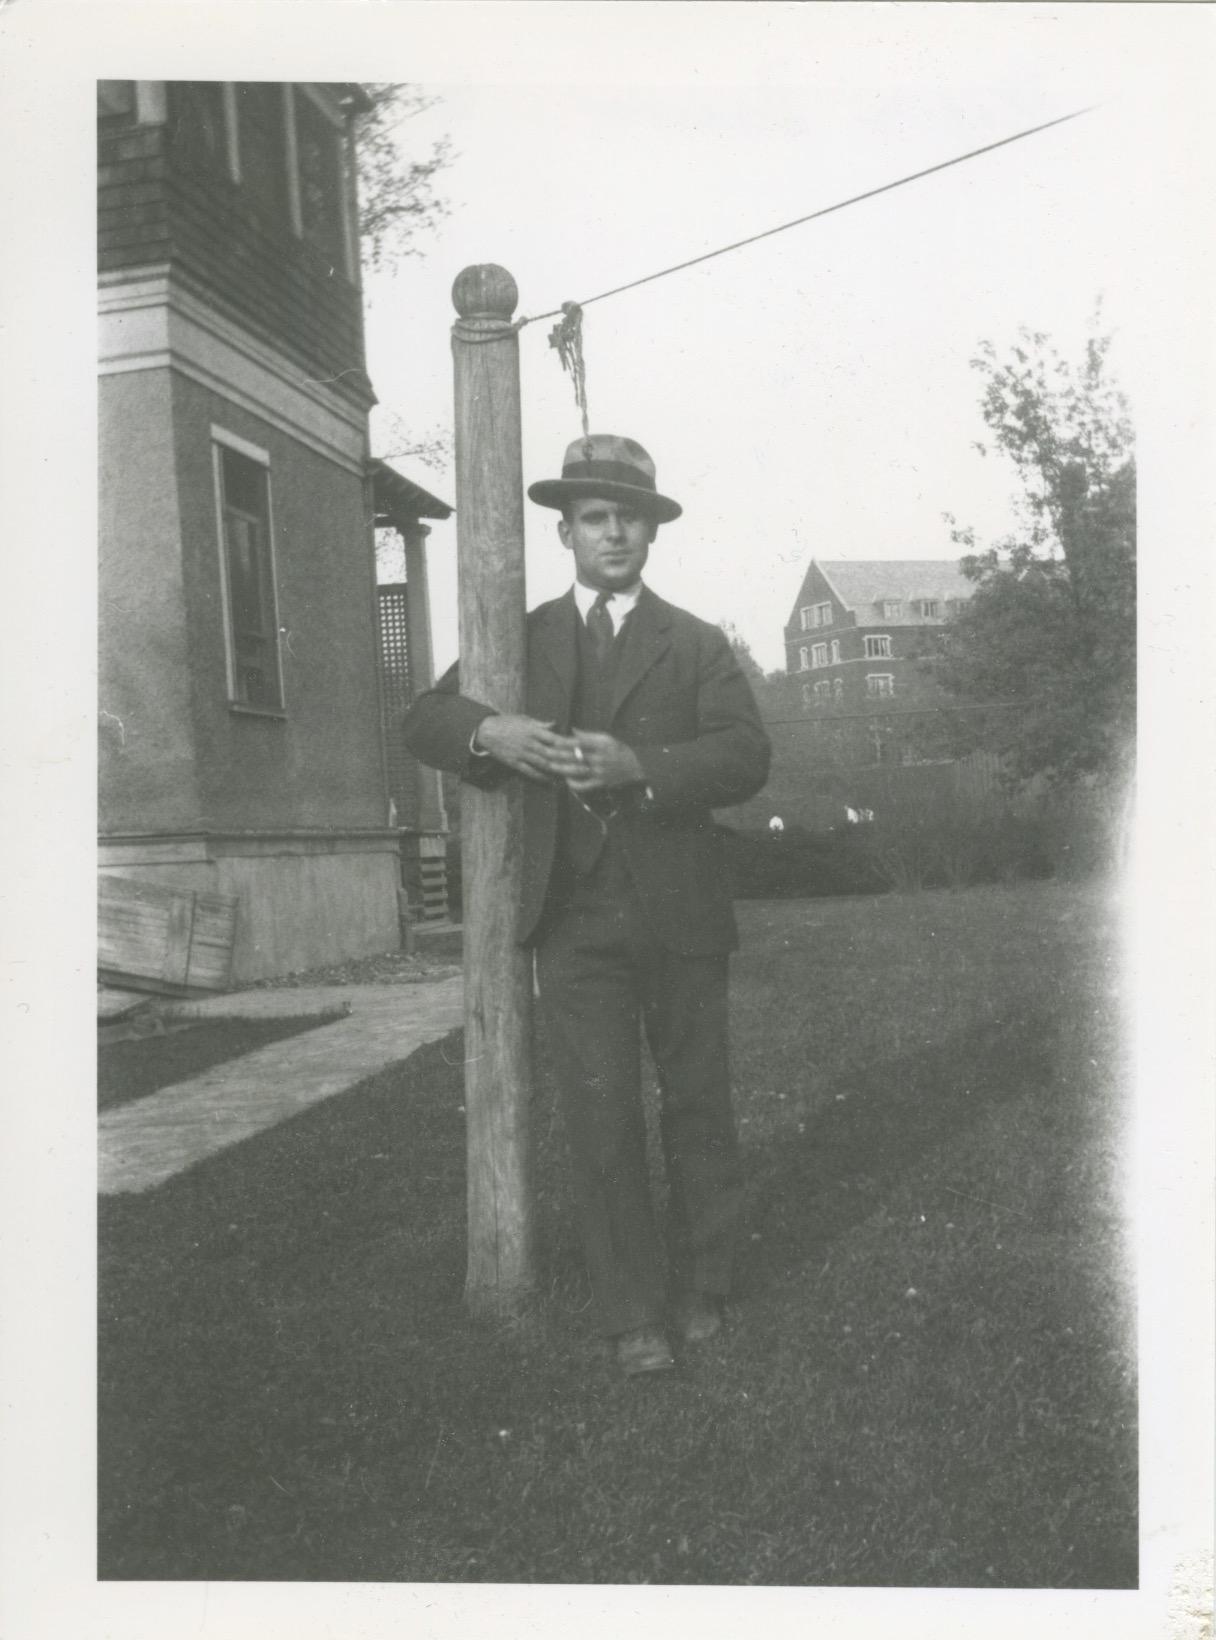 1925 image